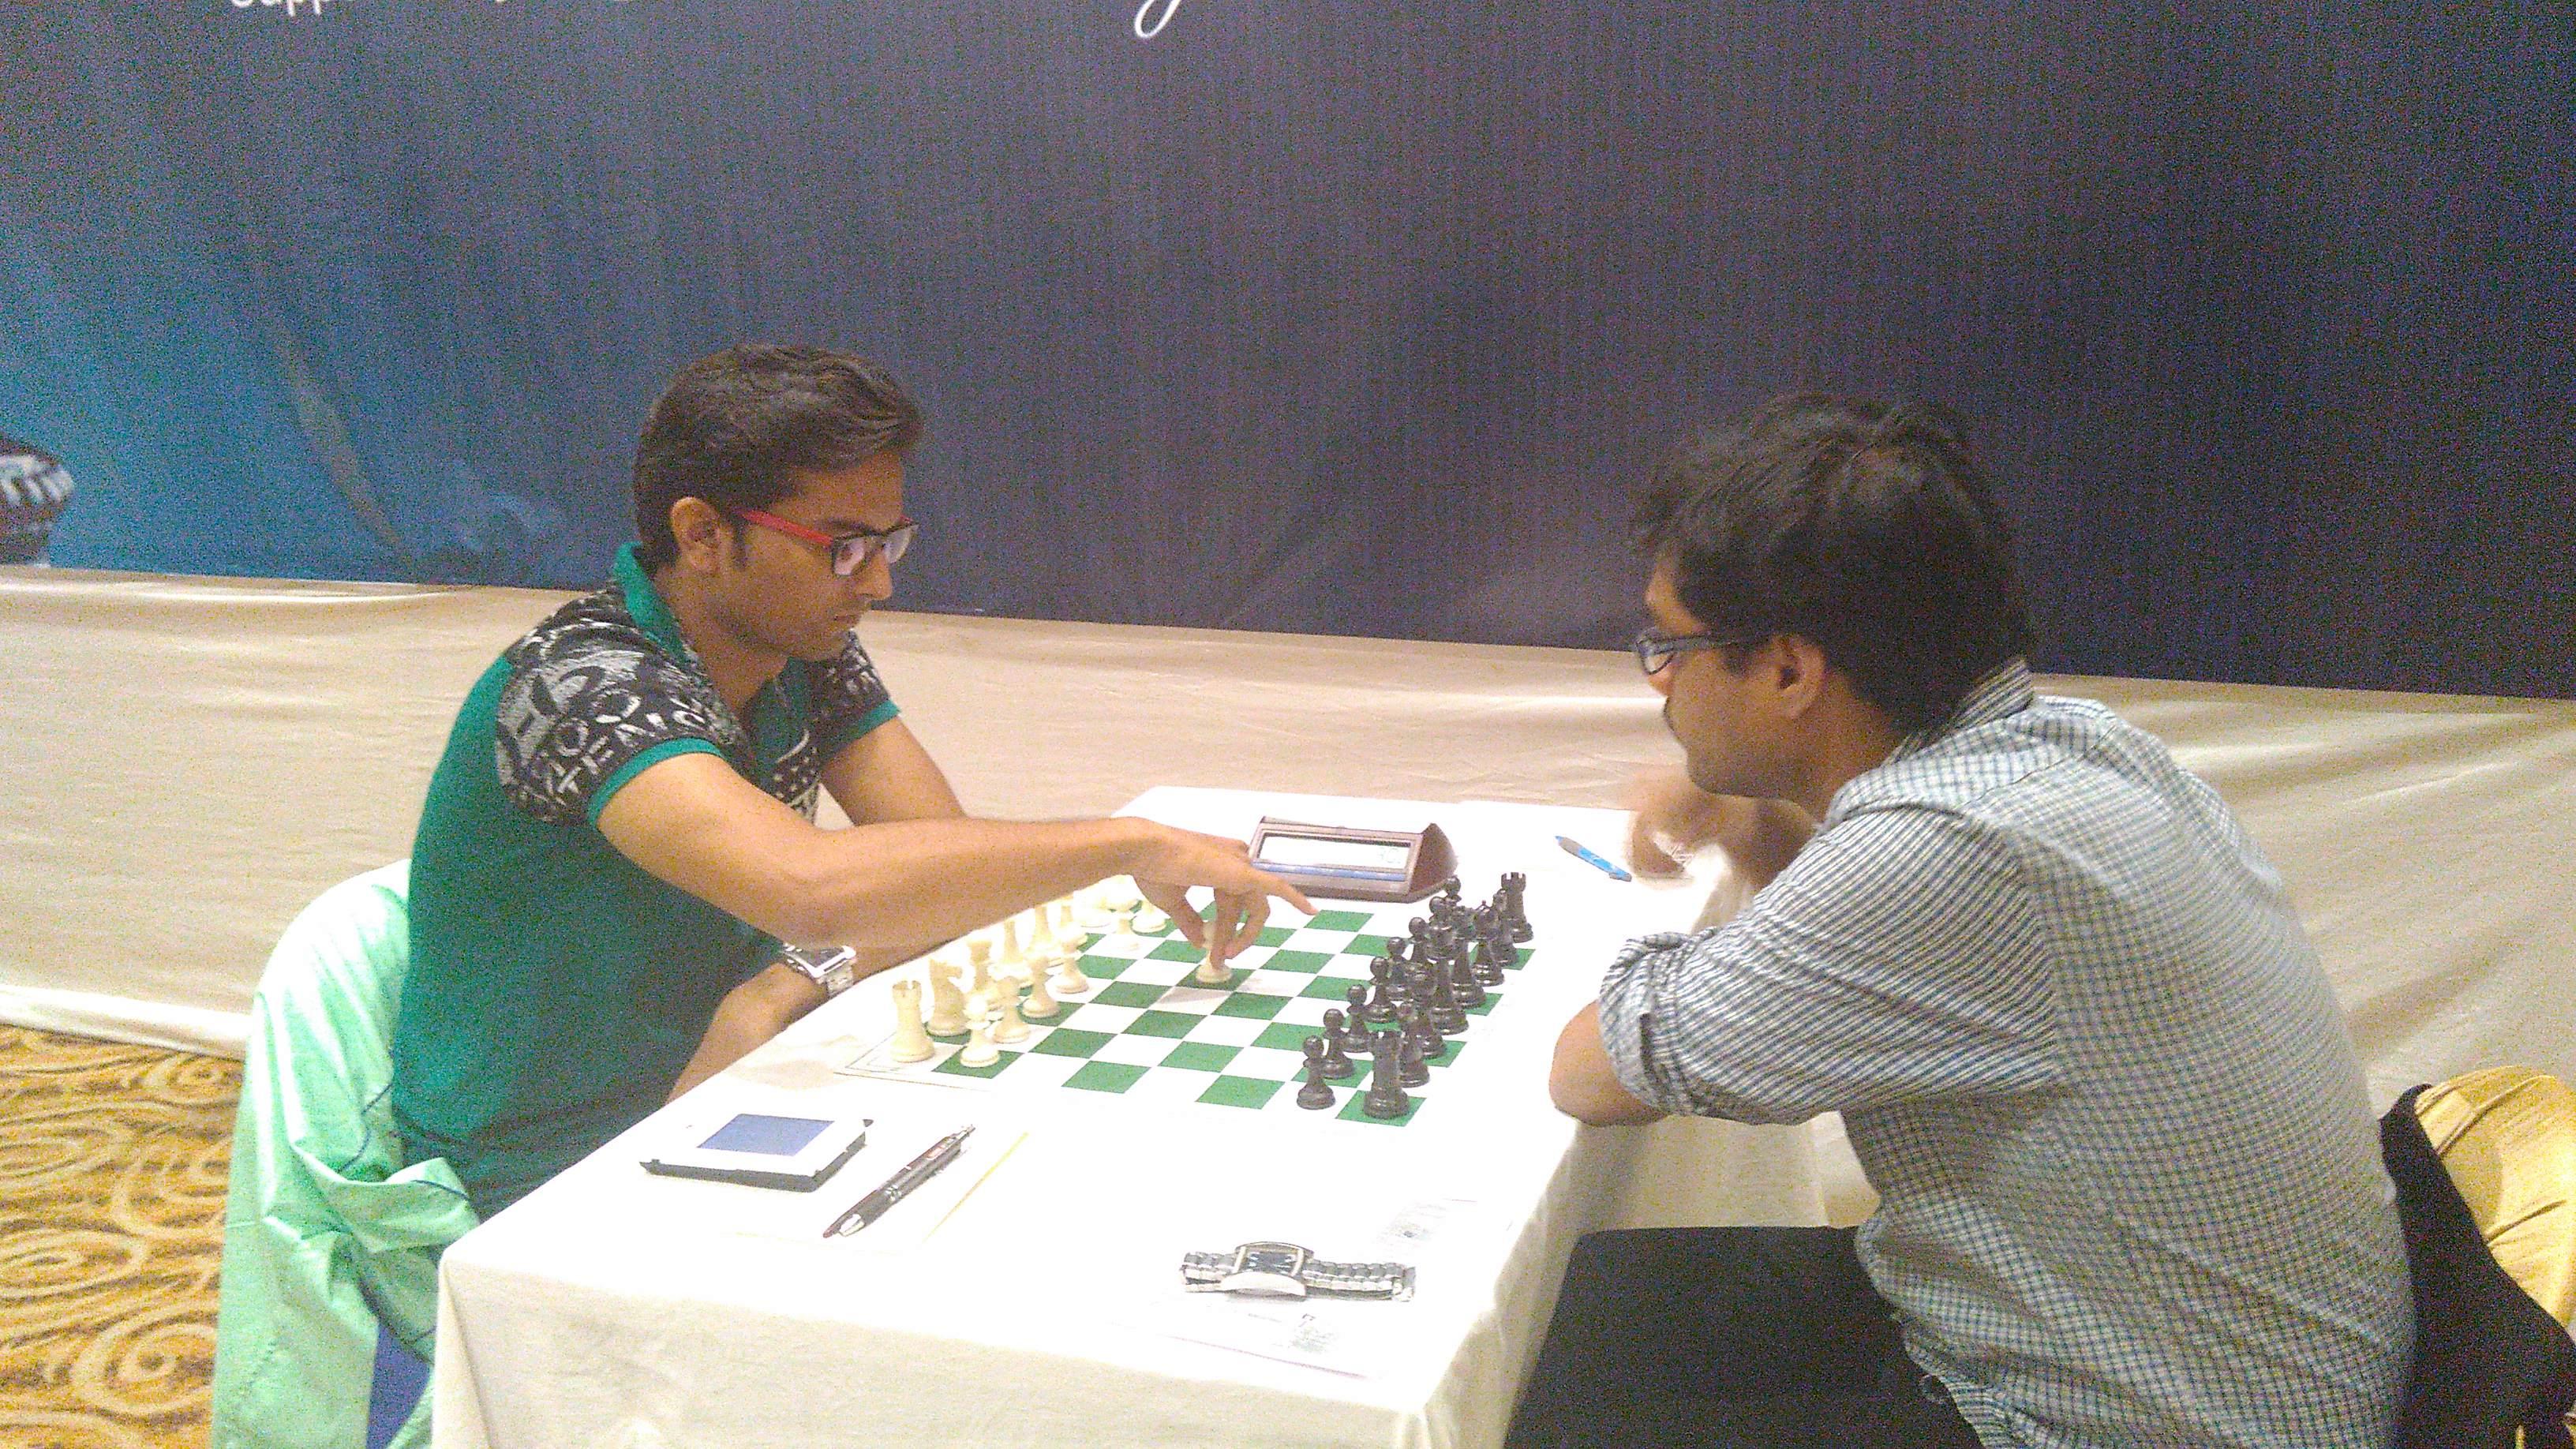 Swapnil Dhopade in sole lead